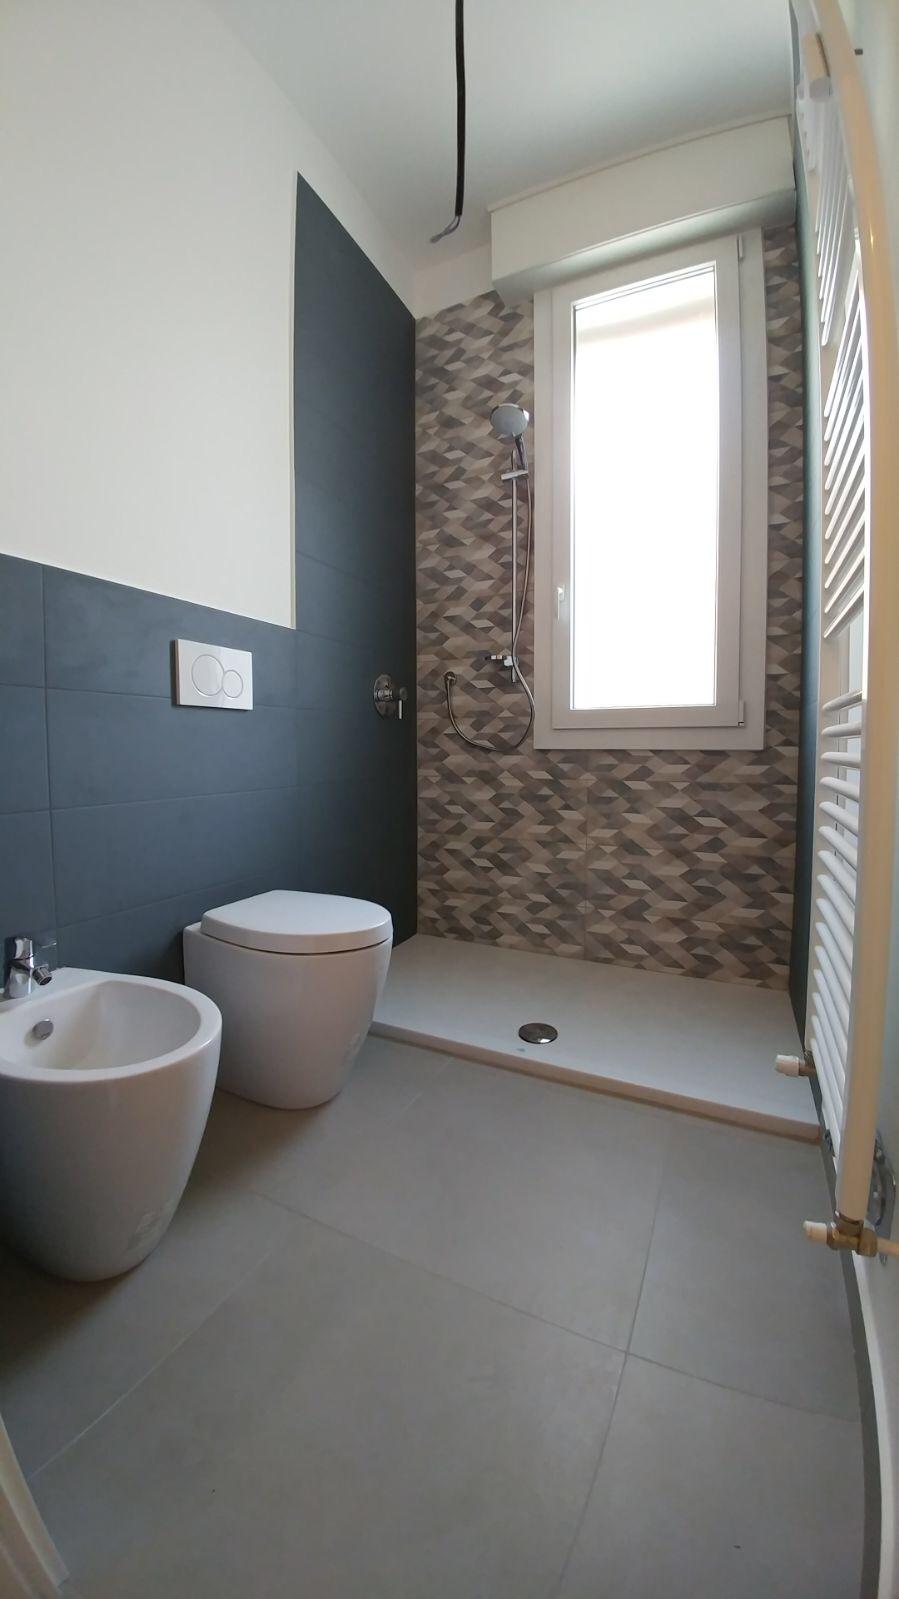 Doccia sotto la finestra amazing doccia sotto la finestra with doccia sotto la finestra - Finestra nella doccia ...